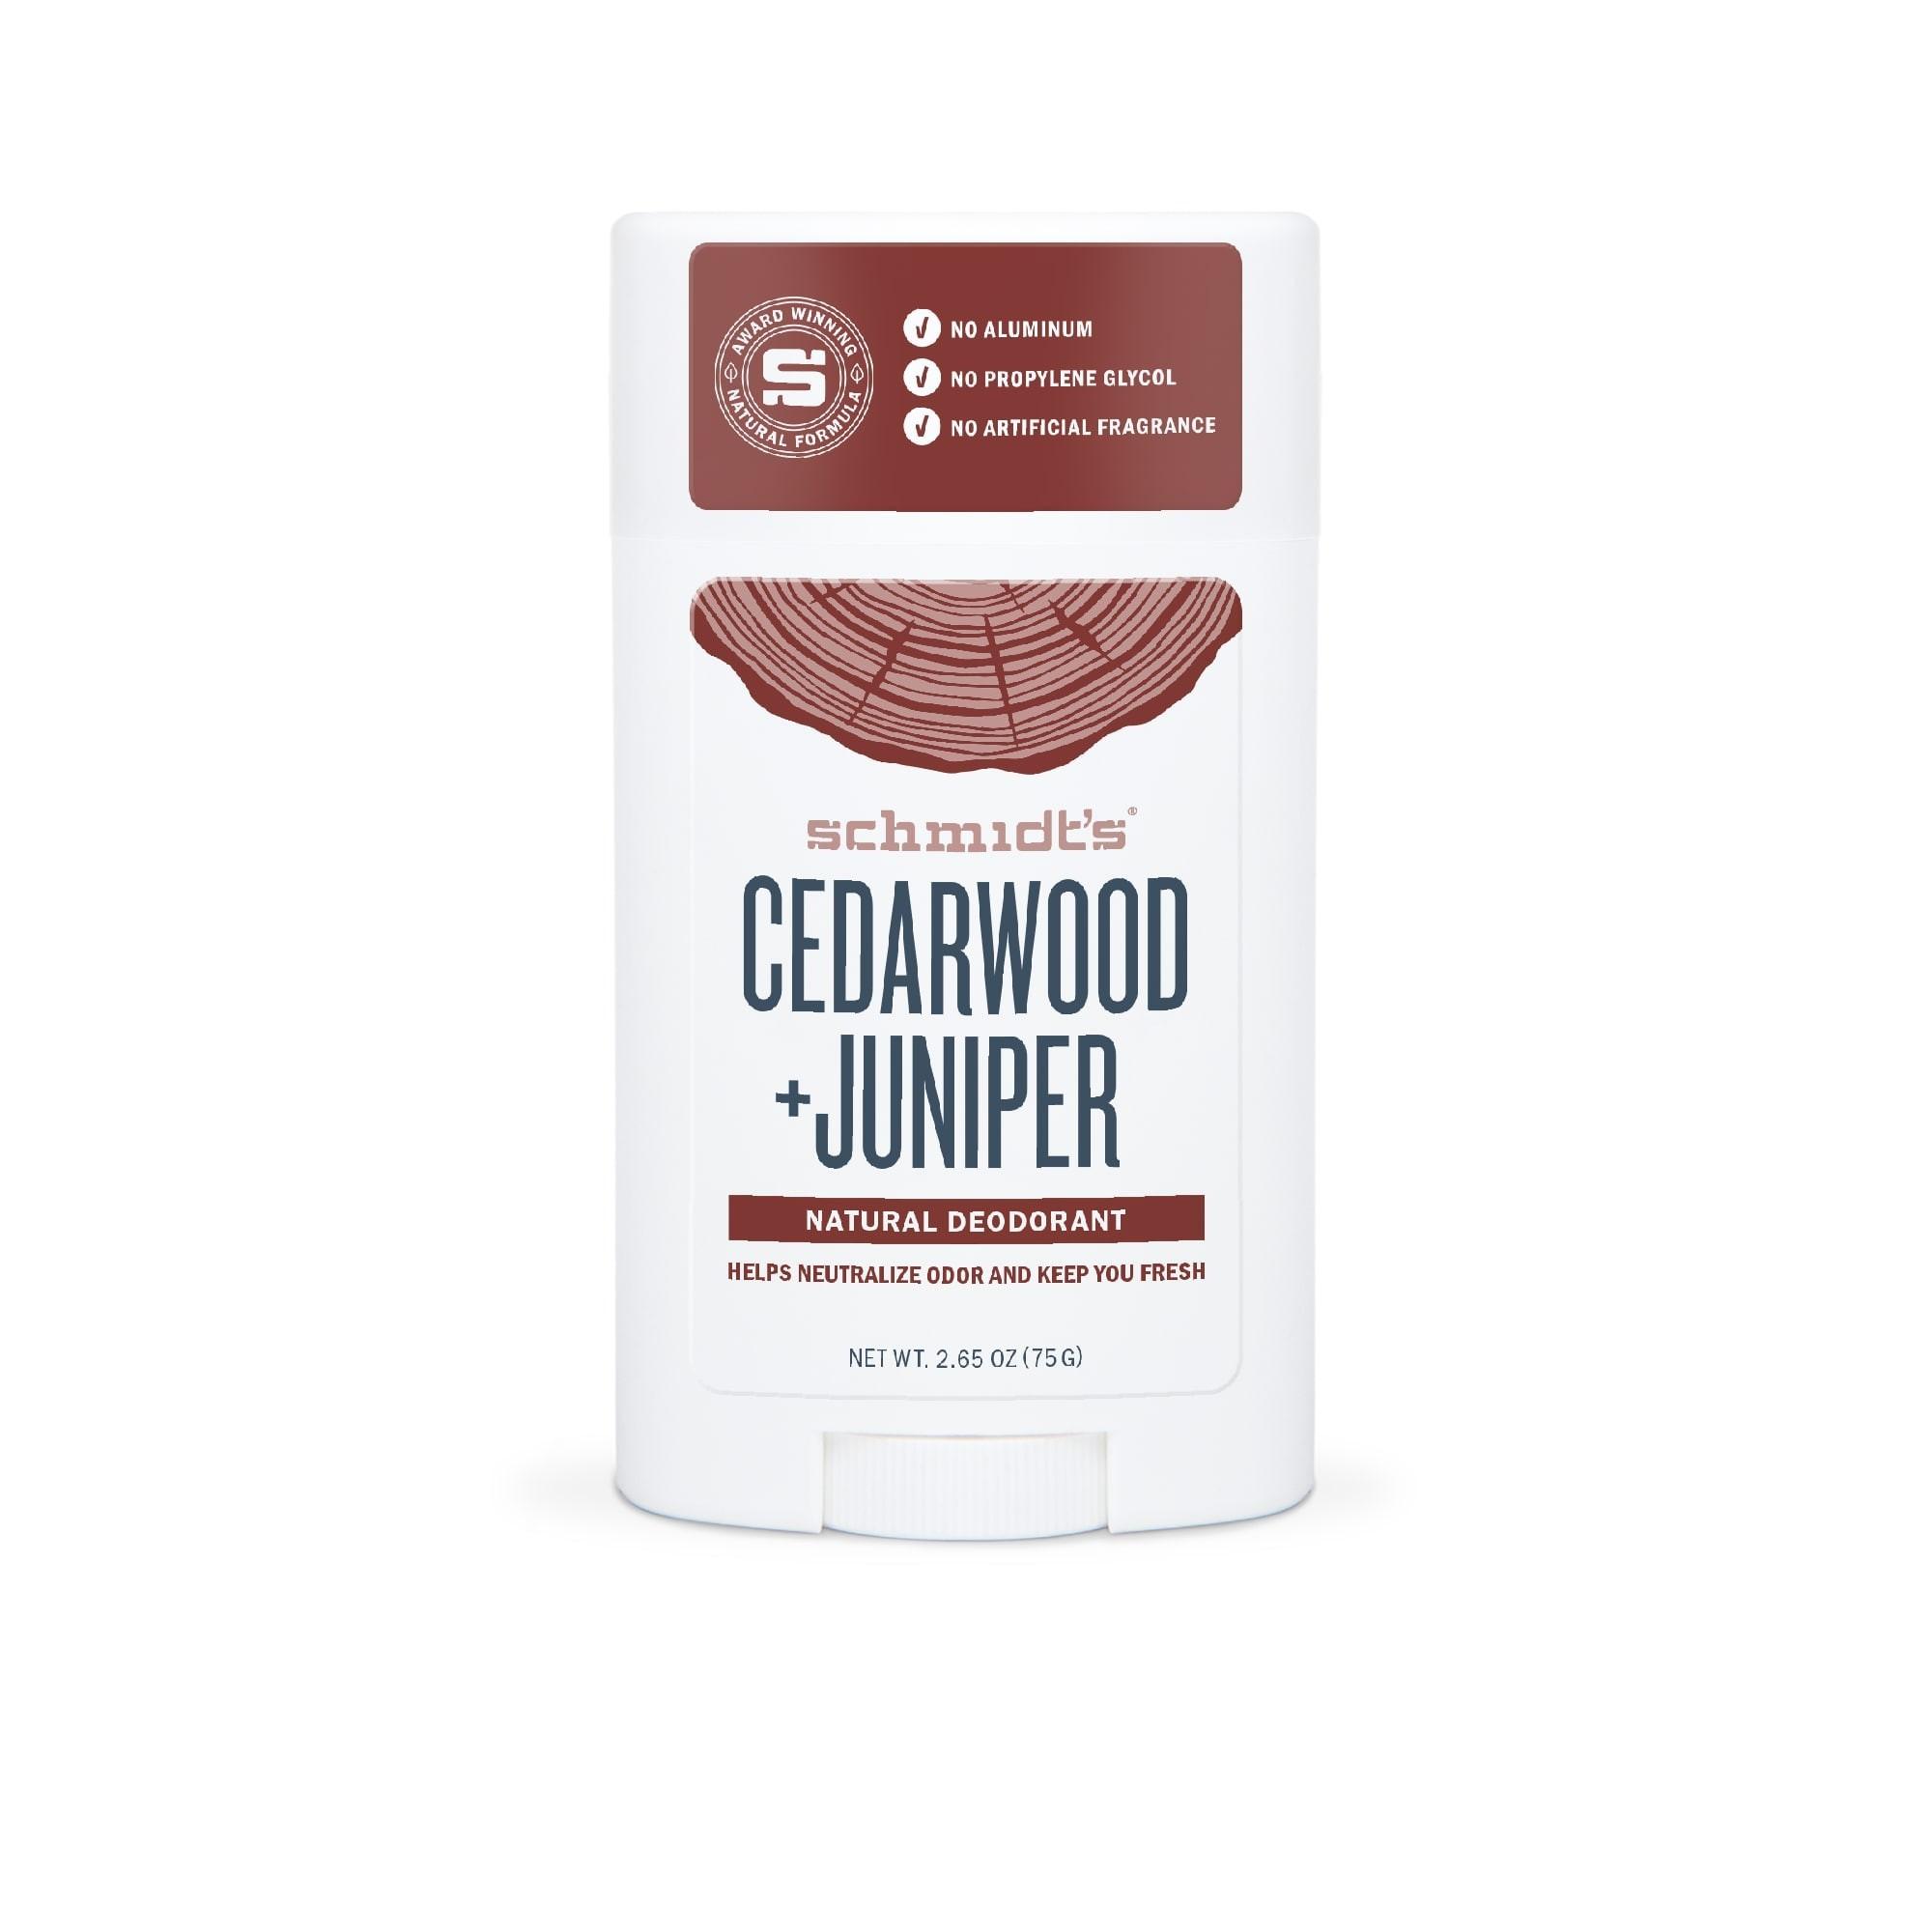 Schmidt's Deodorant, 22,/1,842 Cases, Ext. Retail $232,456, Edwardsville, IL